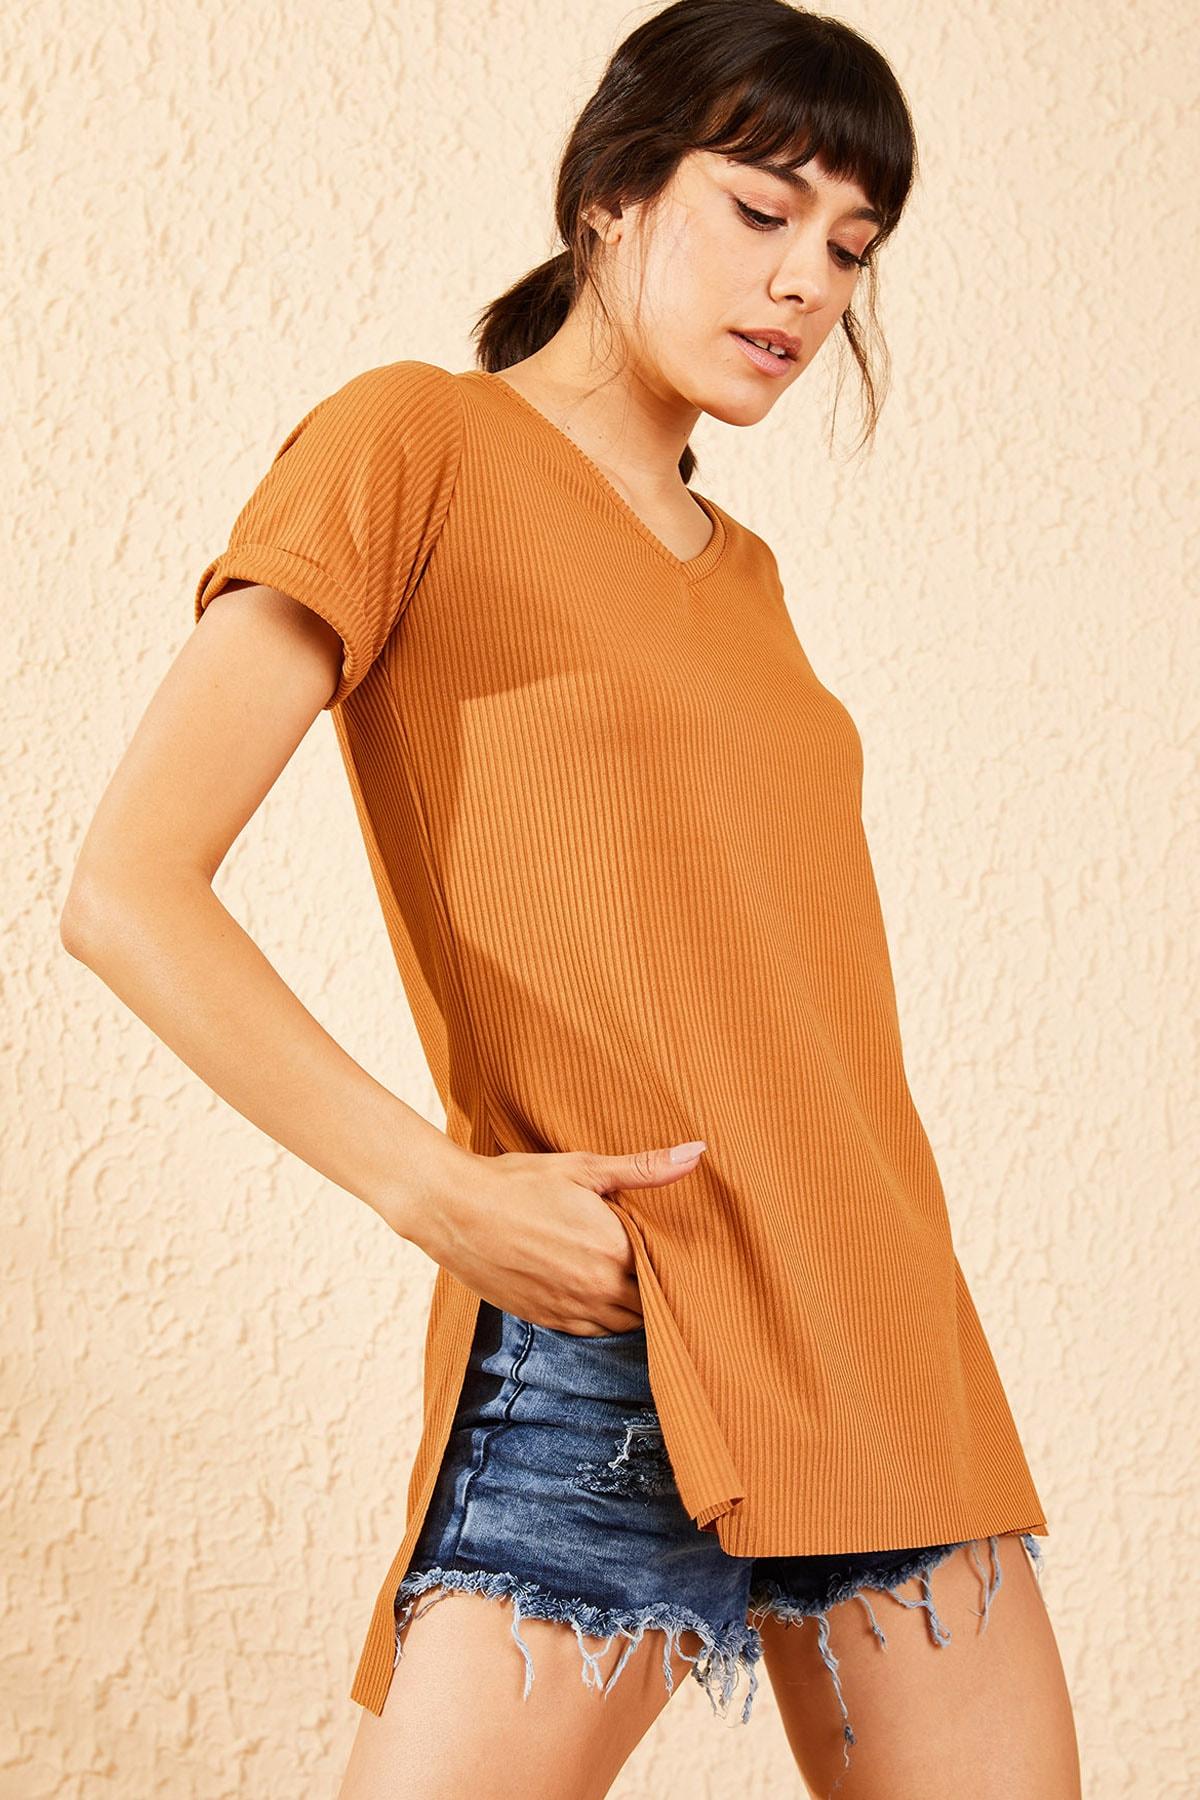 Bianco Lucci Kadın Taba Kol Yan Yırtmaçlı Kol Detay Kaşkorse T-Shirt 10051012 1